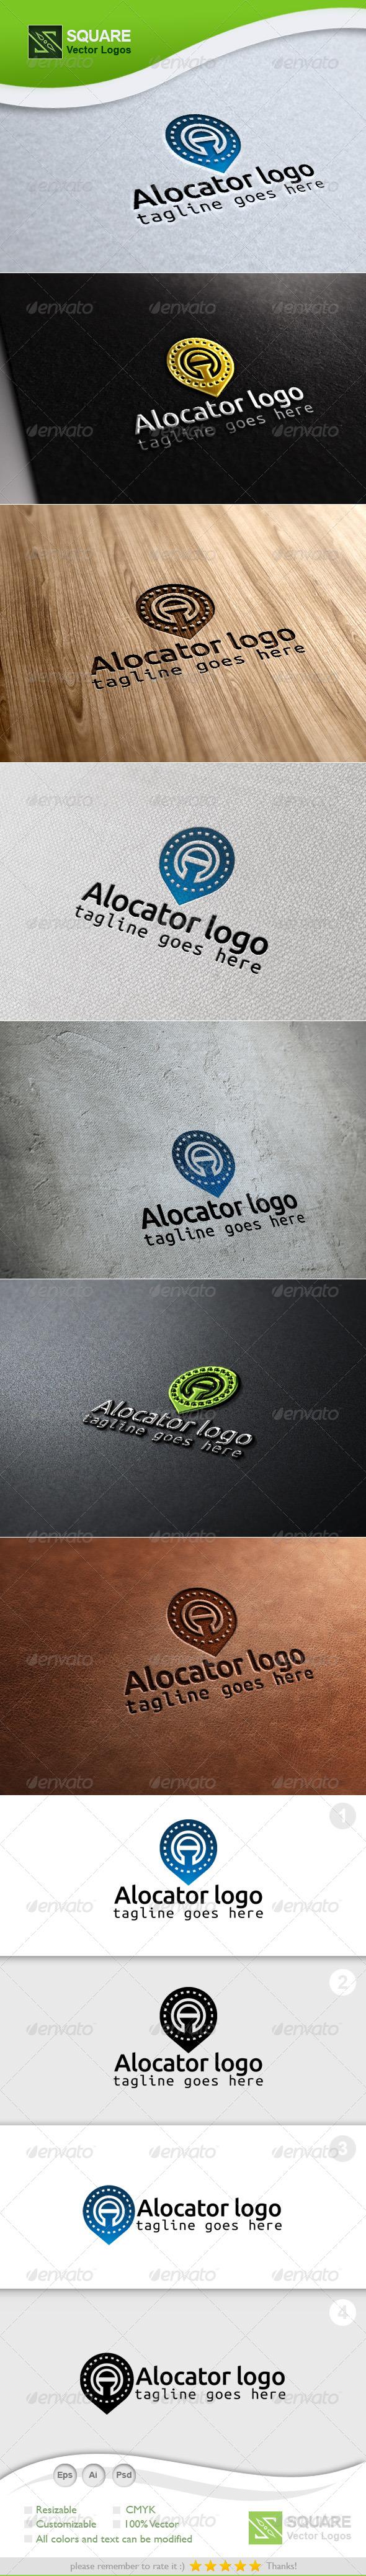 GraphicRiver A Locator Vector Logo Template 6765029